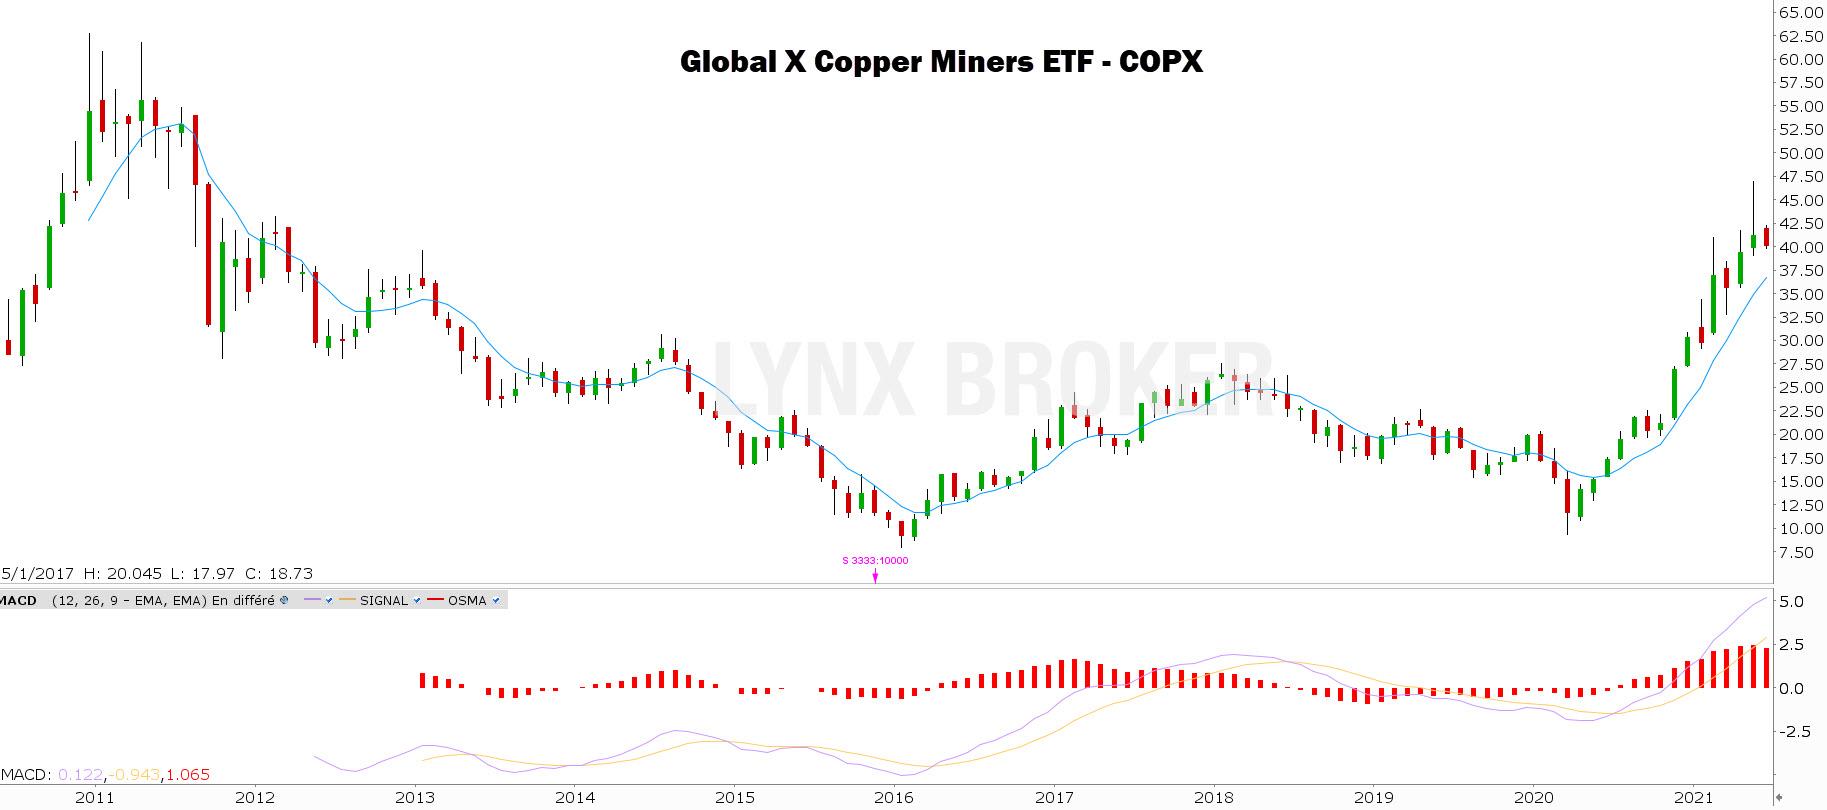 Prix du cuivre - cours du cuivre - investir dans le cuivre - graphique cuivre